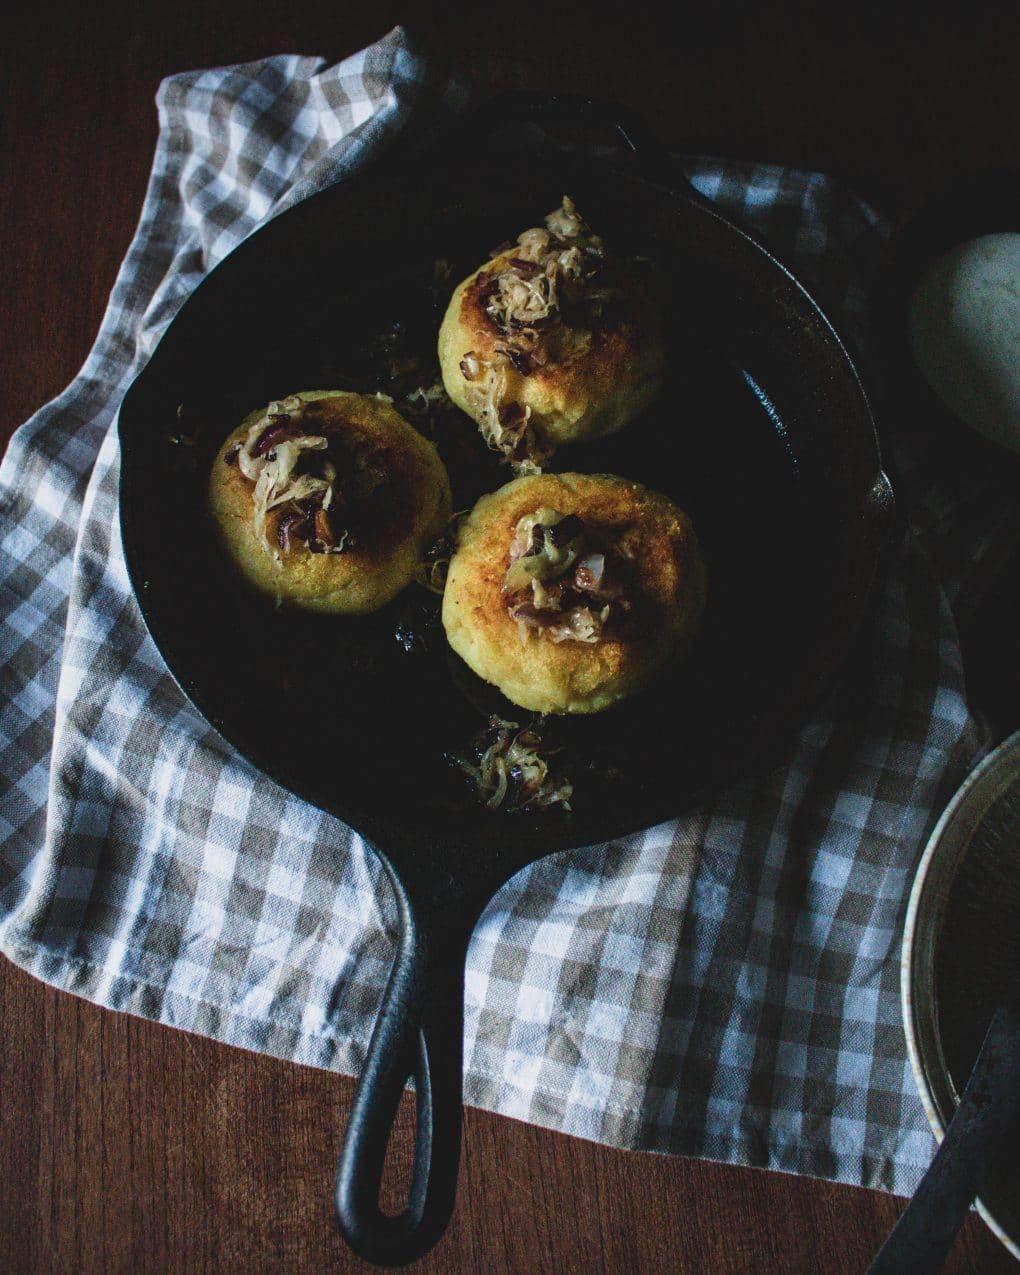 Kartoffelküchlein mit Sauerkraut Pilzfüllung